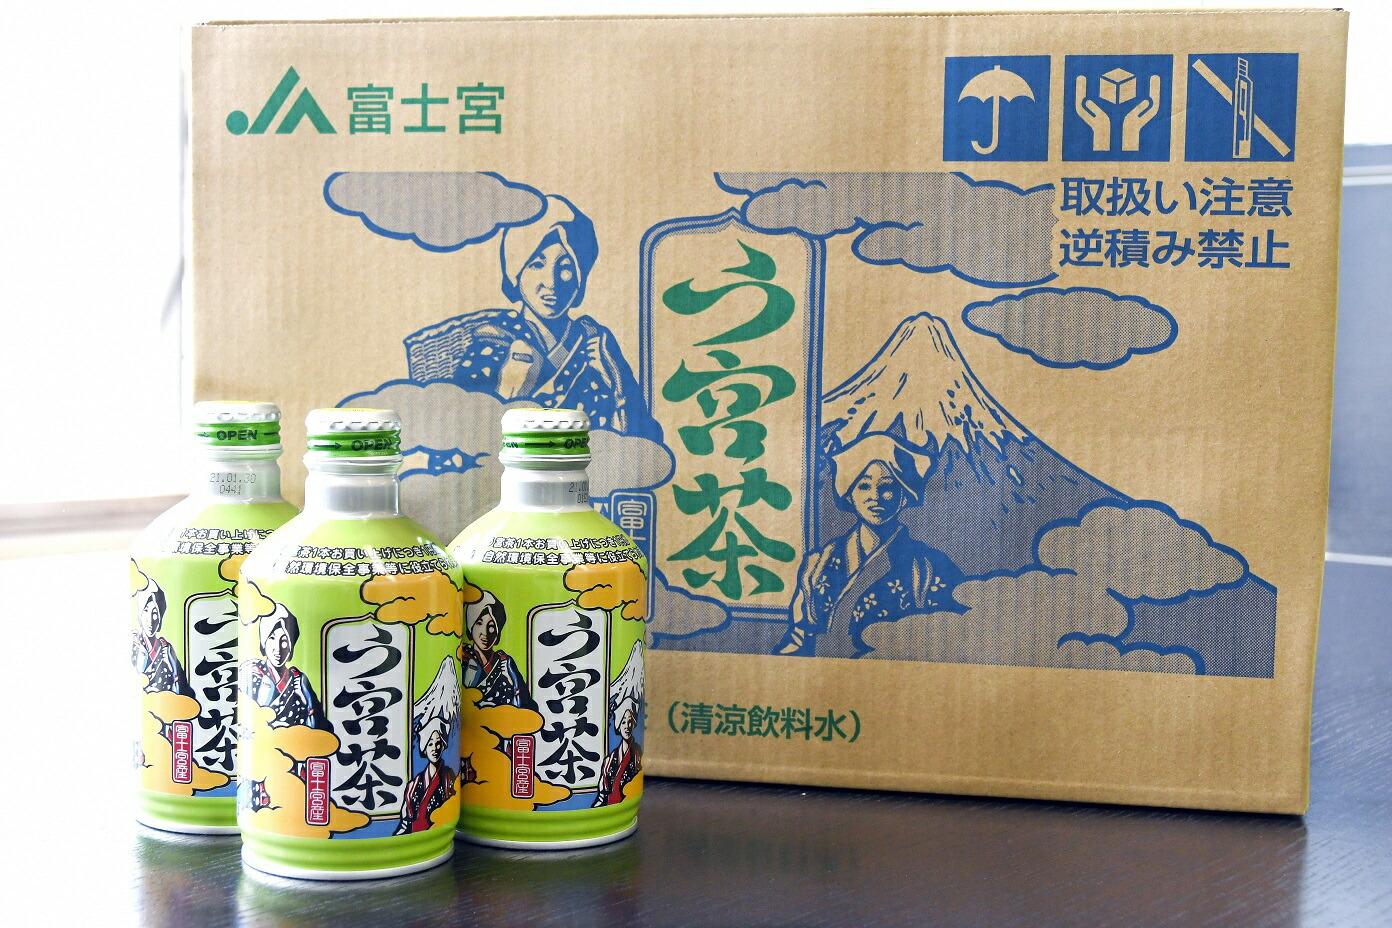 【ふるさと納税】緑茶「う宮茶」24本セット 静岡県富士宮市 ★売上の一部が「世界遺産・富士山」に活用されます★